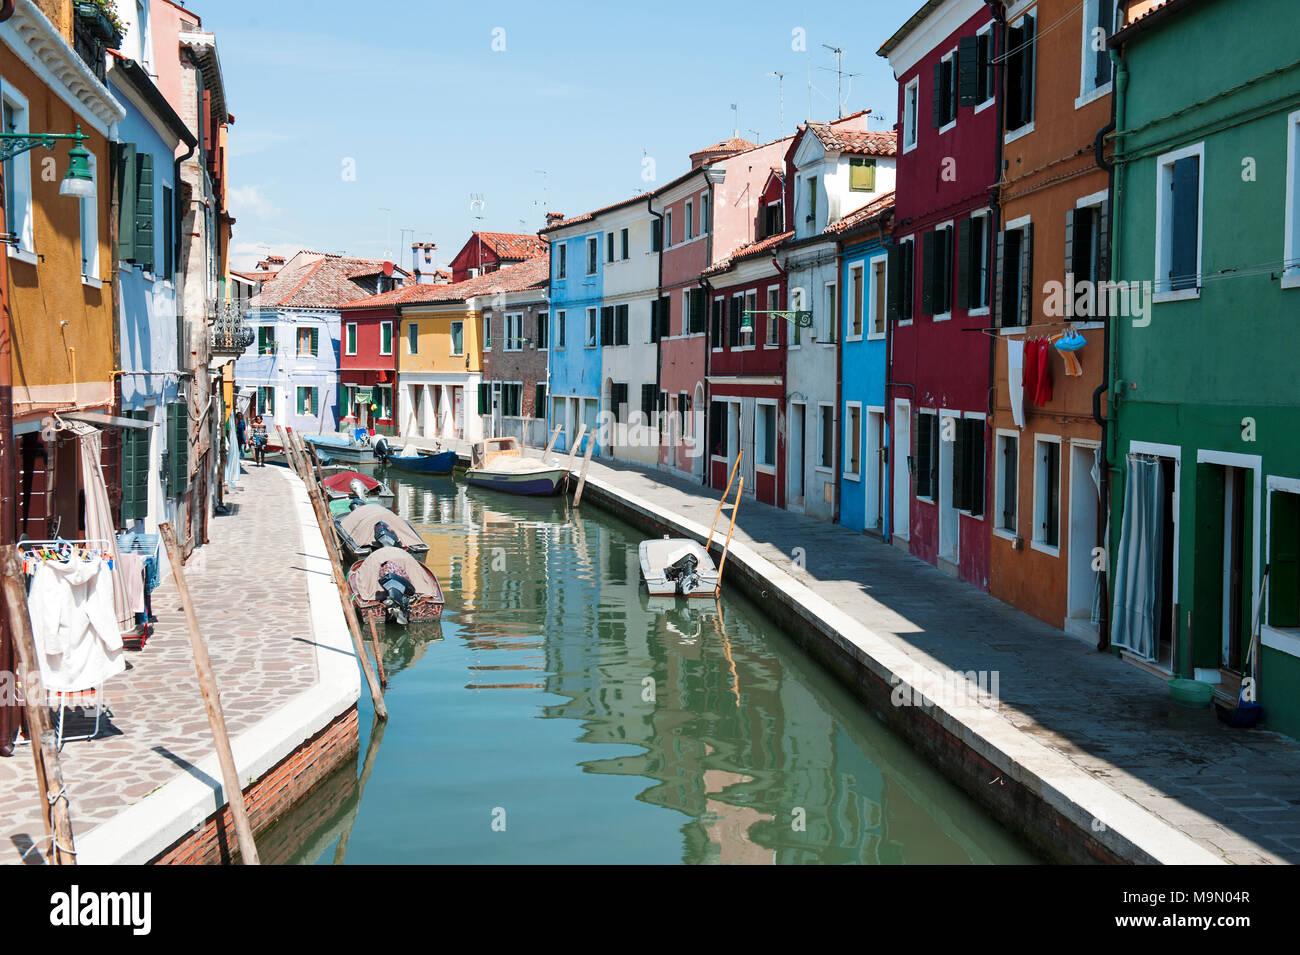 BURANO, VENEZIA, Italia - 16 Aprile 2017 : Vista del canal grande e luminosa case colorate in una giornata di sole Immagini Stock